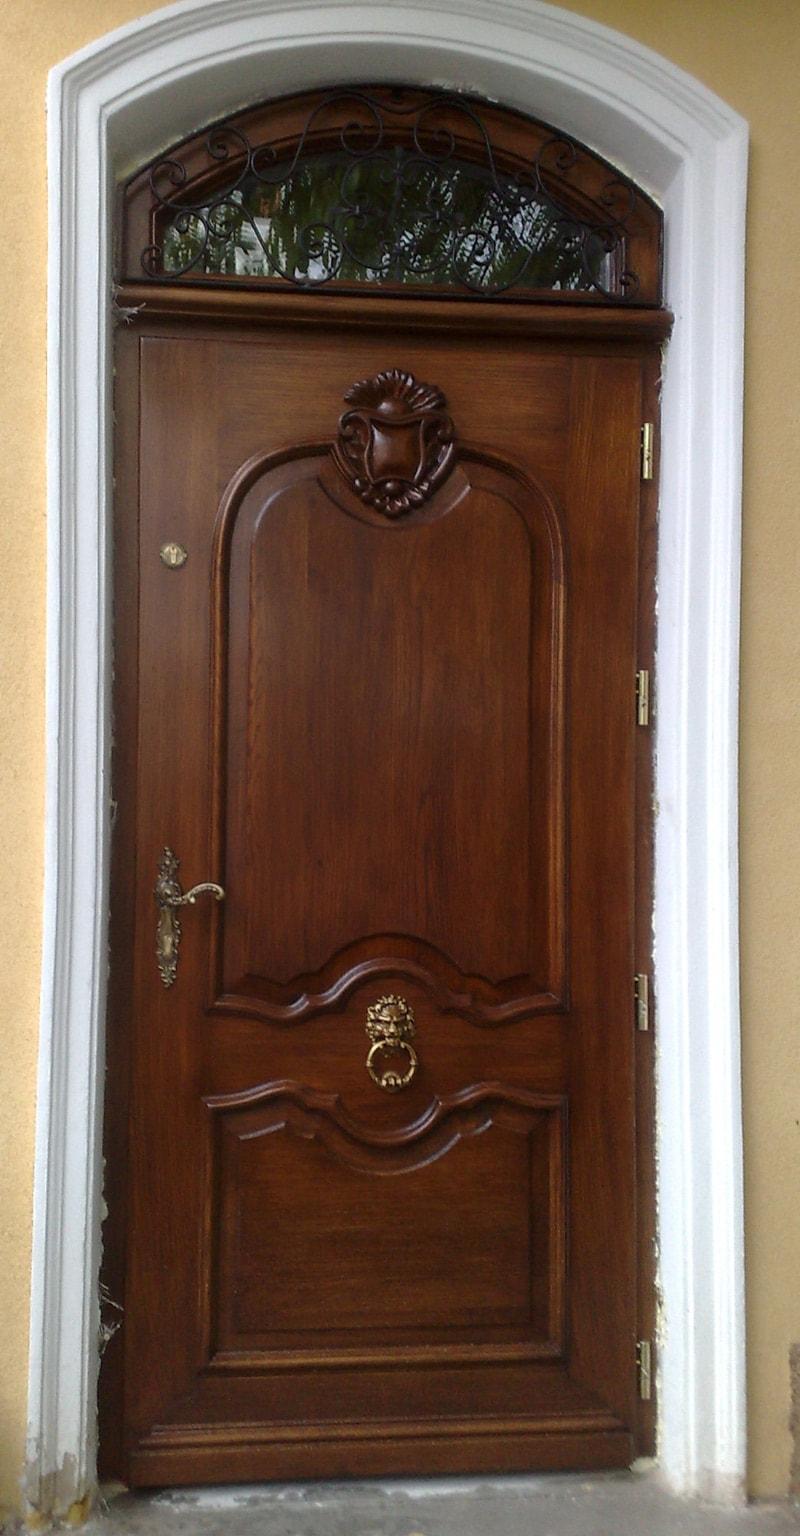 drzwi-zewne%cc%a8trzne-drewniane-z-naswietlem-gornym-min